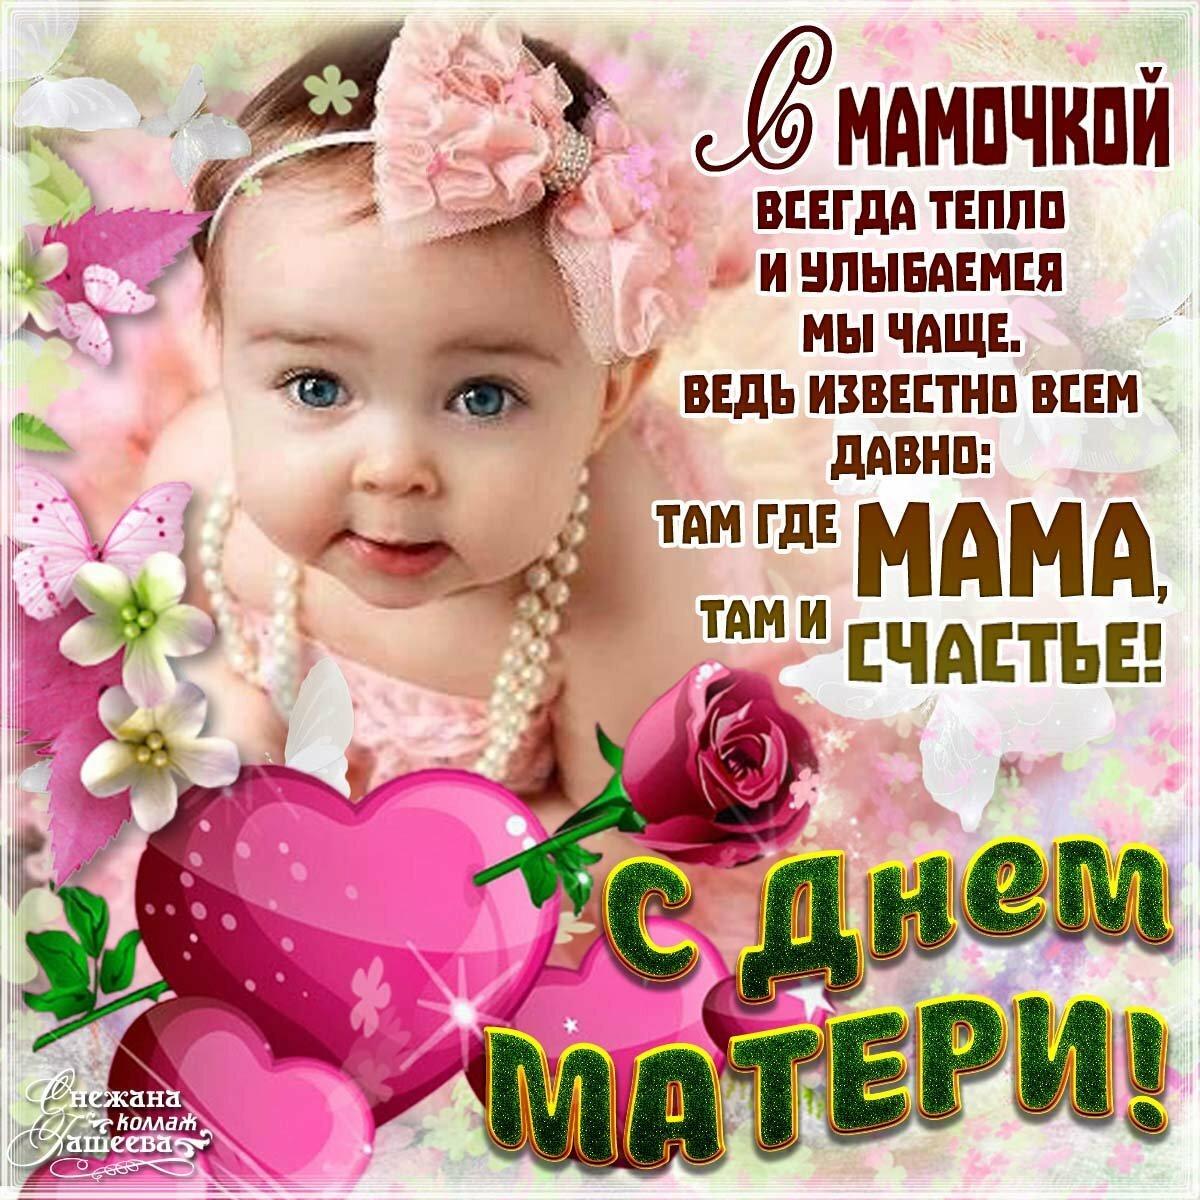 Поздравления ко дню матери женщине короткие